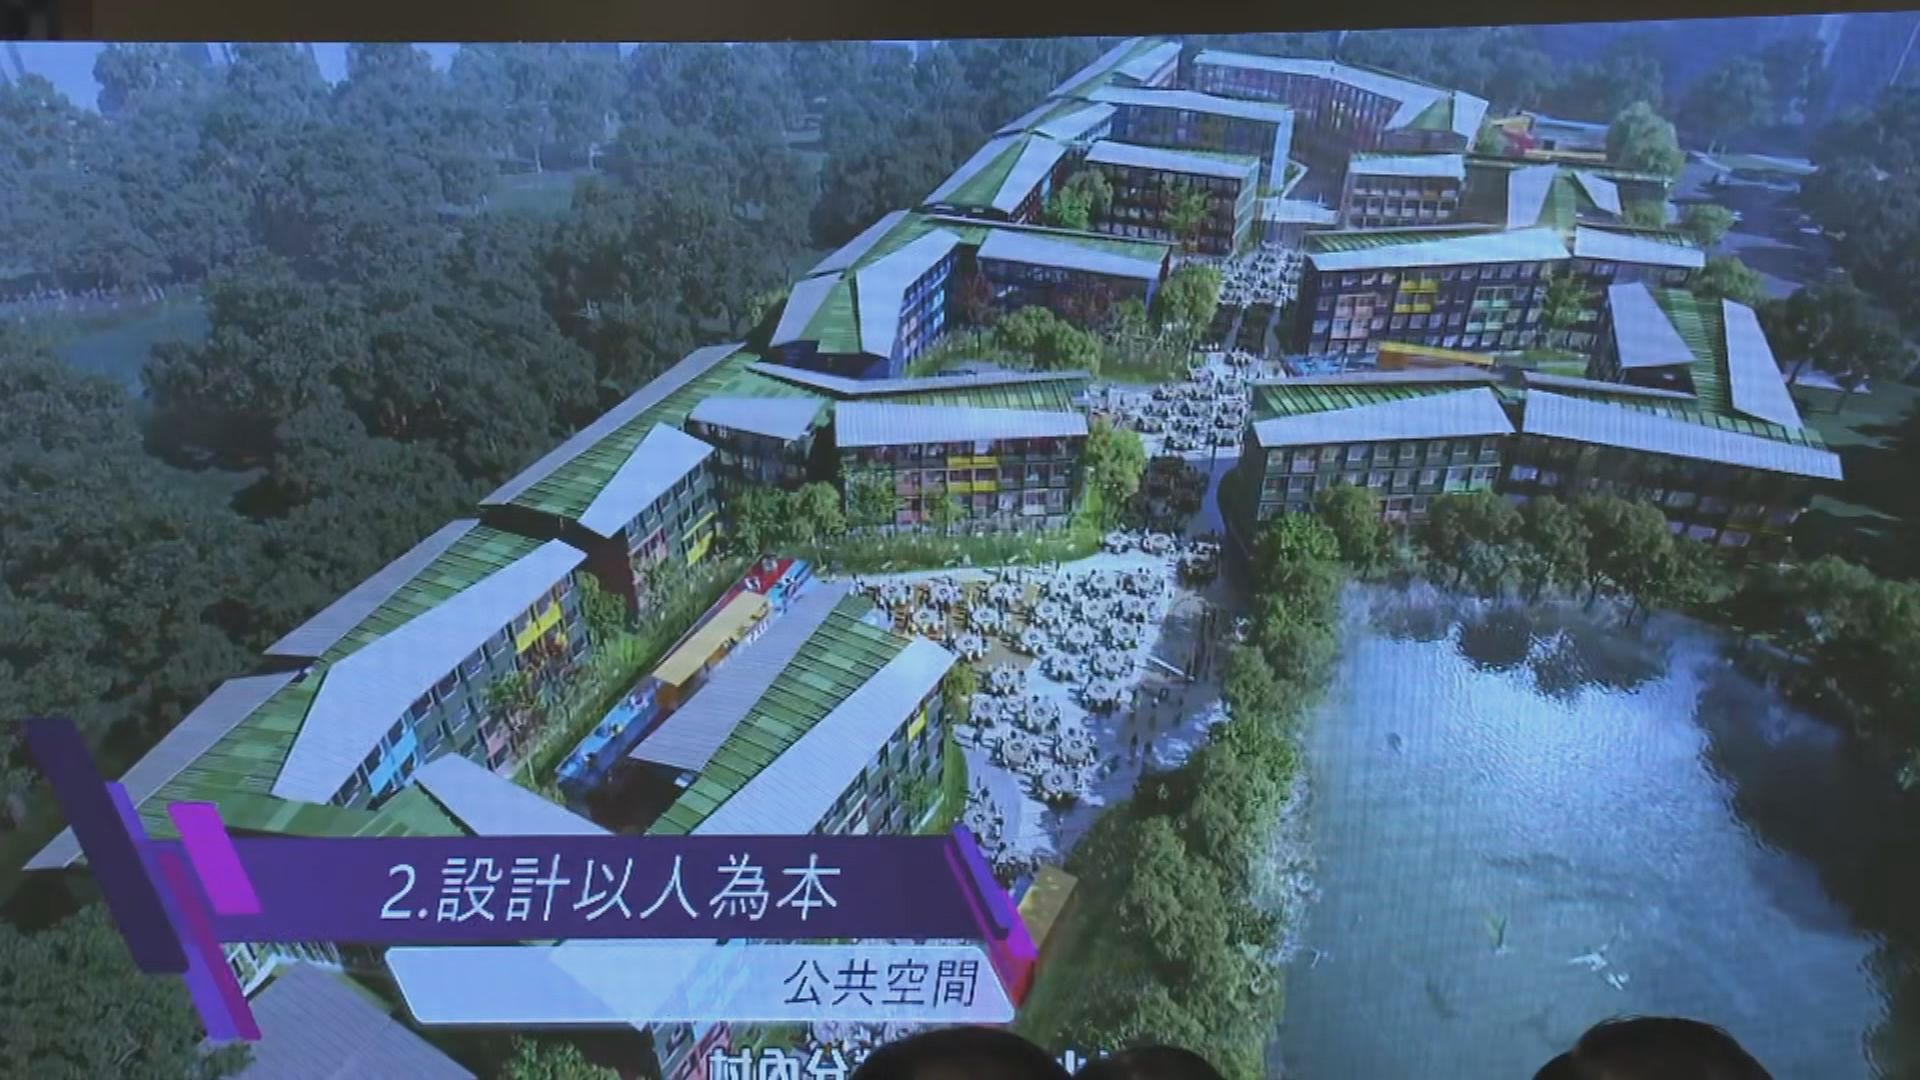 【釋放土地】新地借出約40萬平方呎土地建過渡房屋